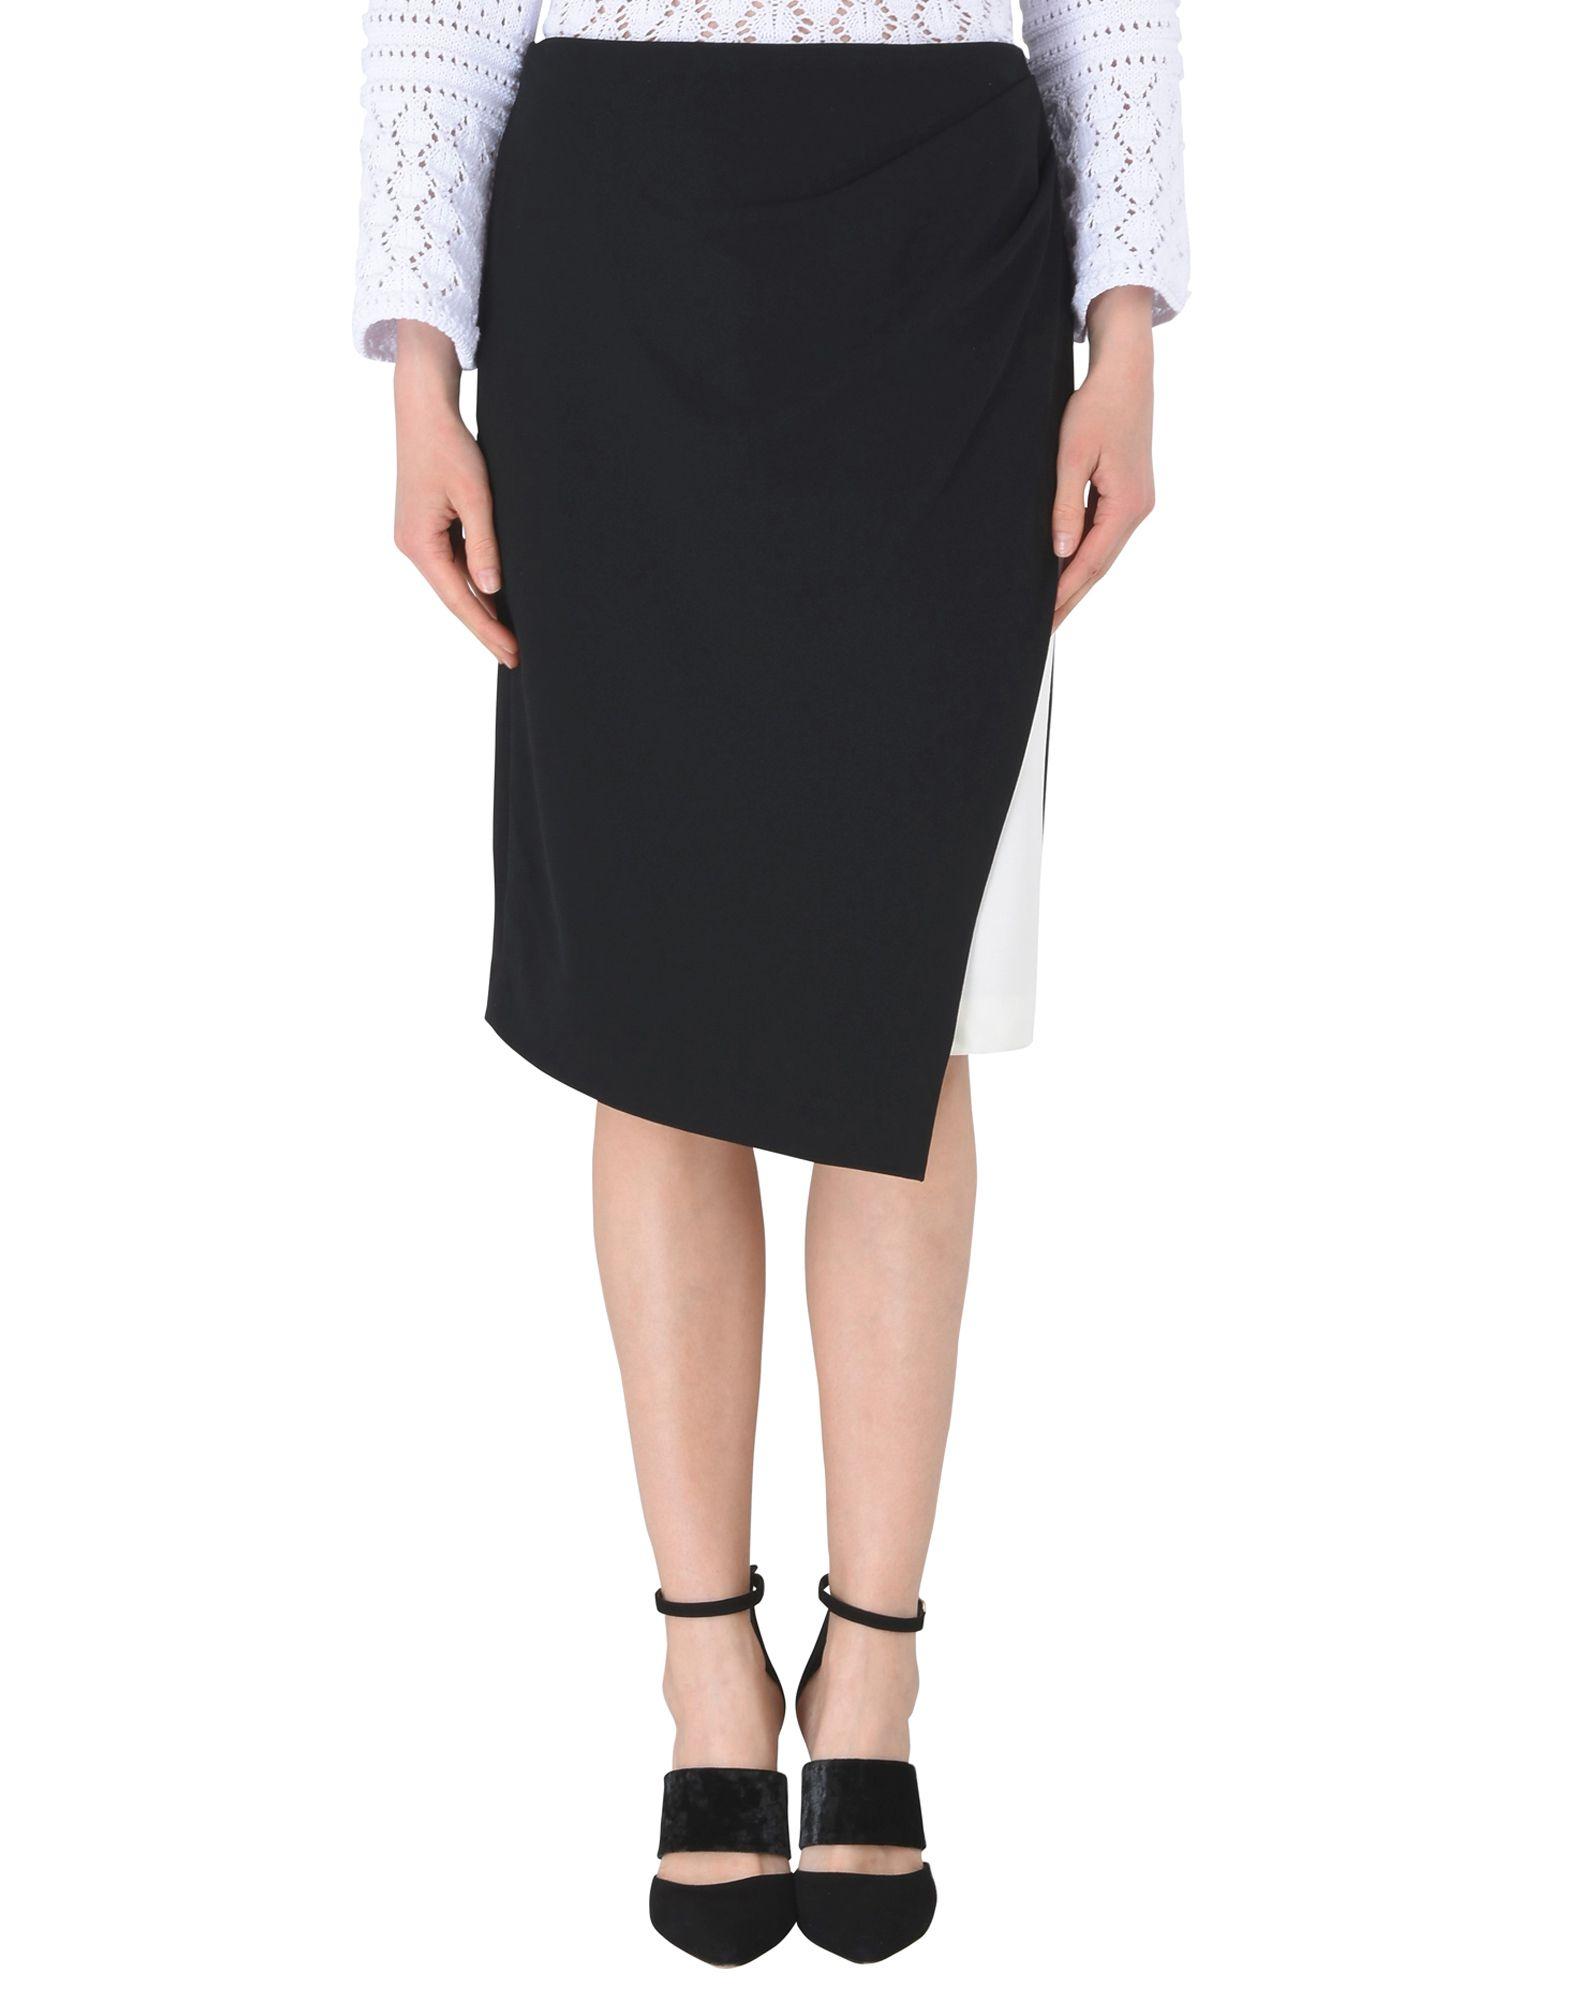 《送料無料》DKNY レディース ひざ丈スカート ブラック 0 ポリエステル 94% / ポリウレタン 6% MIDI COLORBLOCK SKIRT W/ SIDE